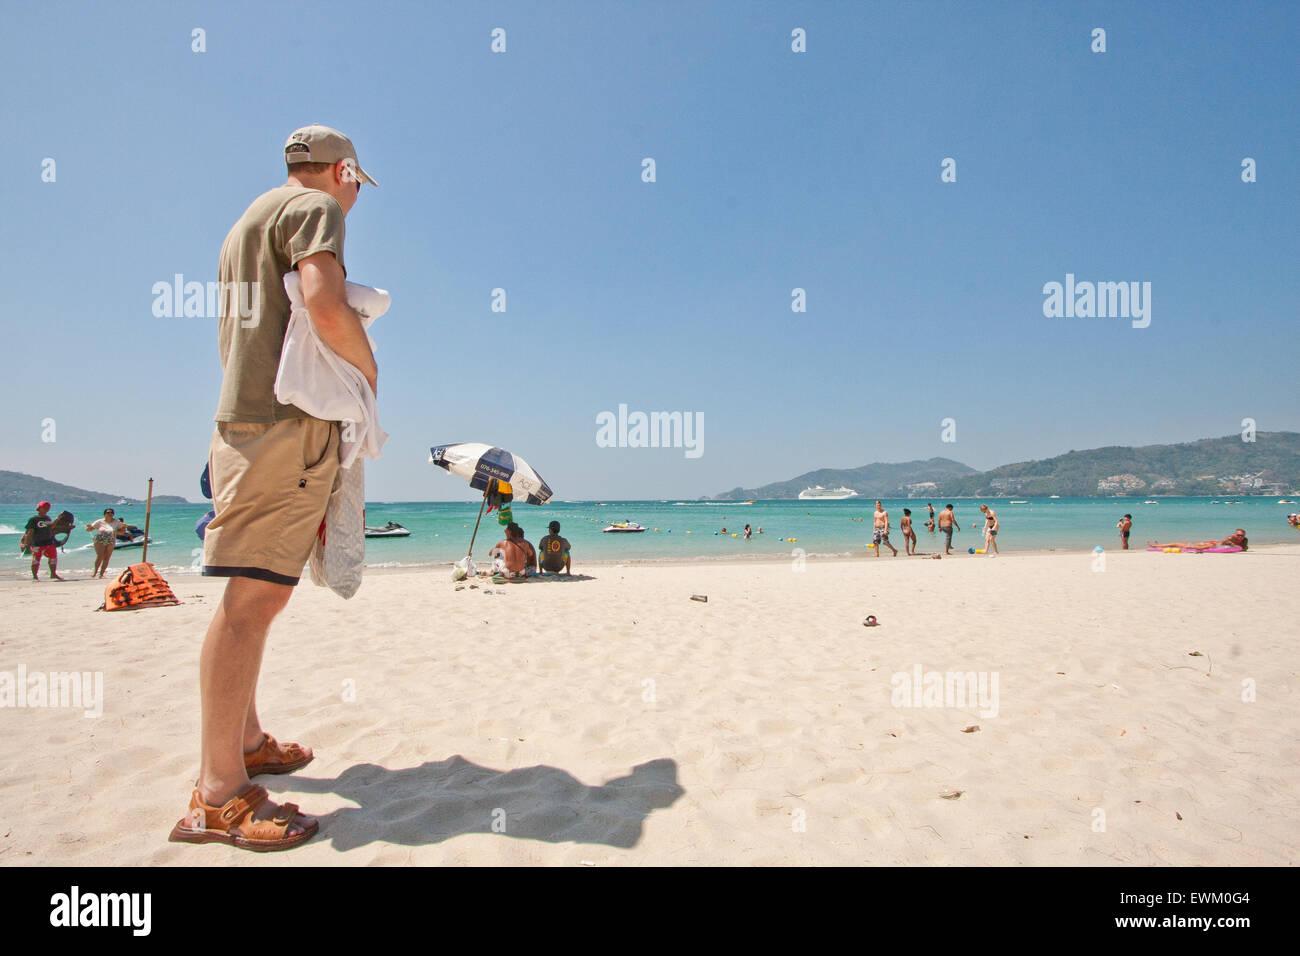 Turist su una spiaggia in Thailandia Phuket, Patong, sandali Immagini Stock